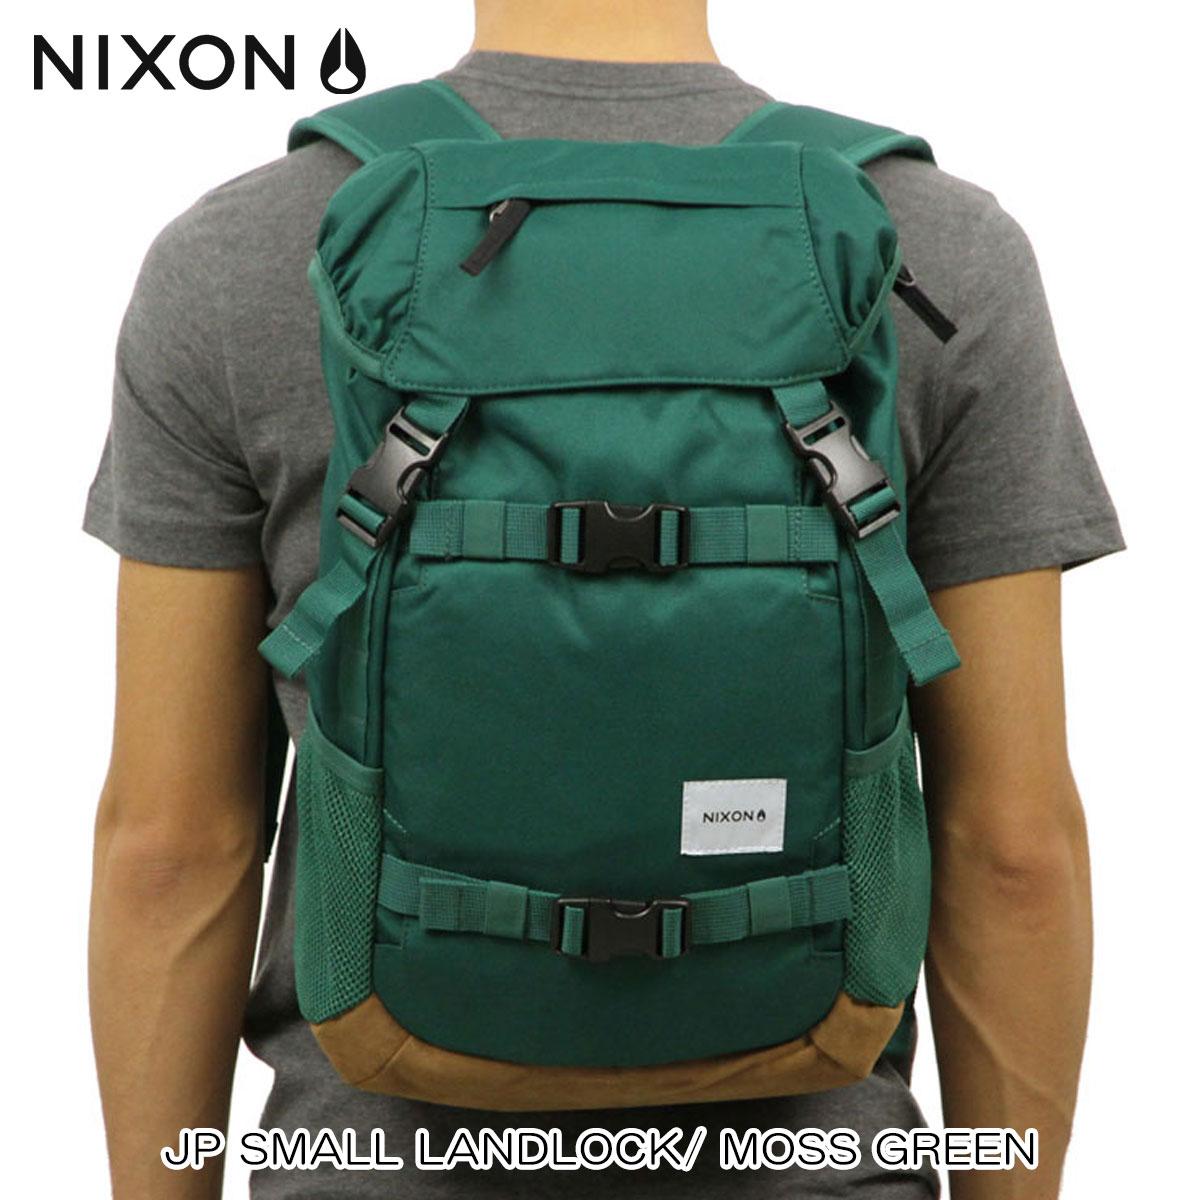 NIXON(ニクソン)腕時計正規販売店 - NIXONクレ …